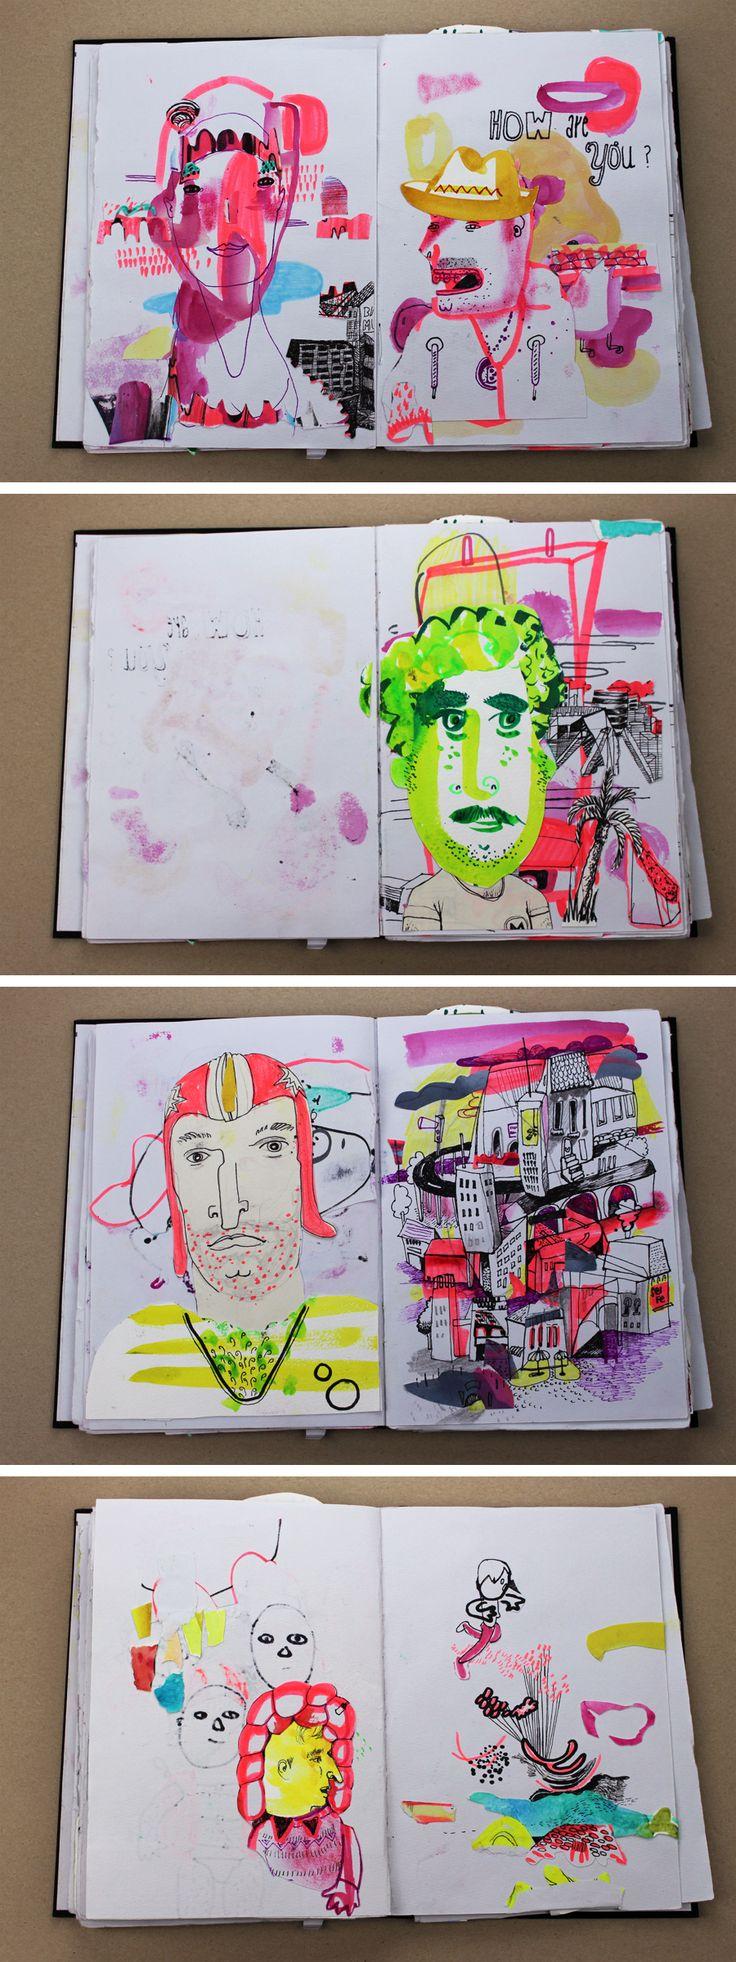 Willkommen im Skizzenbuch | Diana Köhne Illustration | Diana Koehne | Illustration und Grafikdesign | Hamm